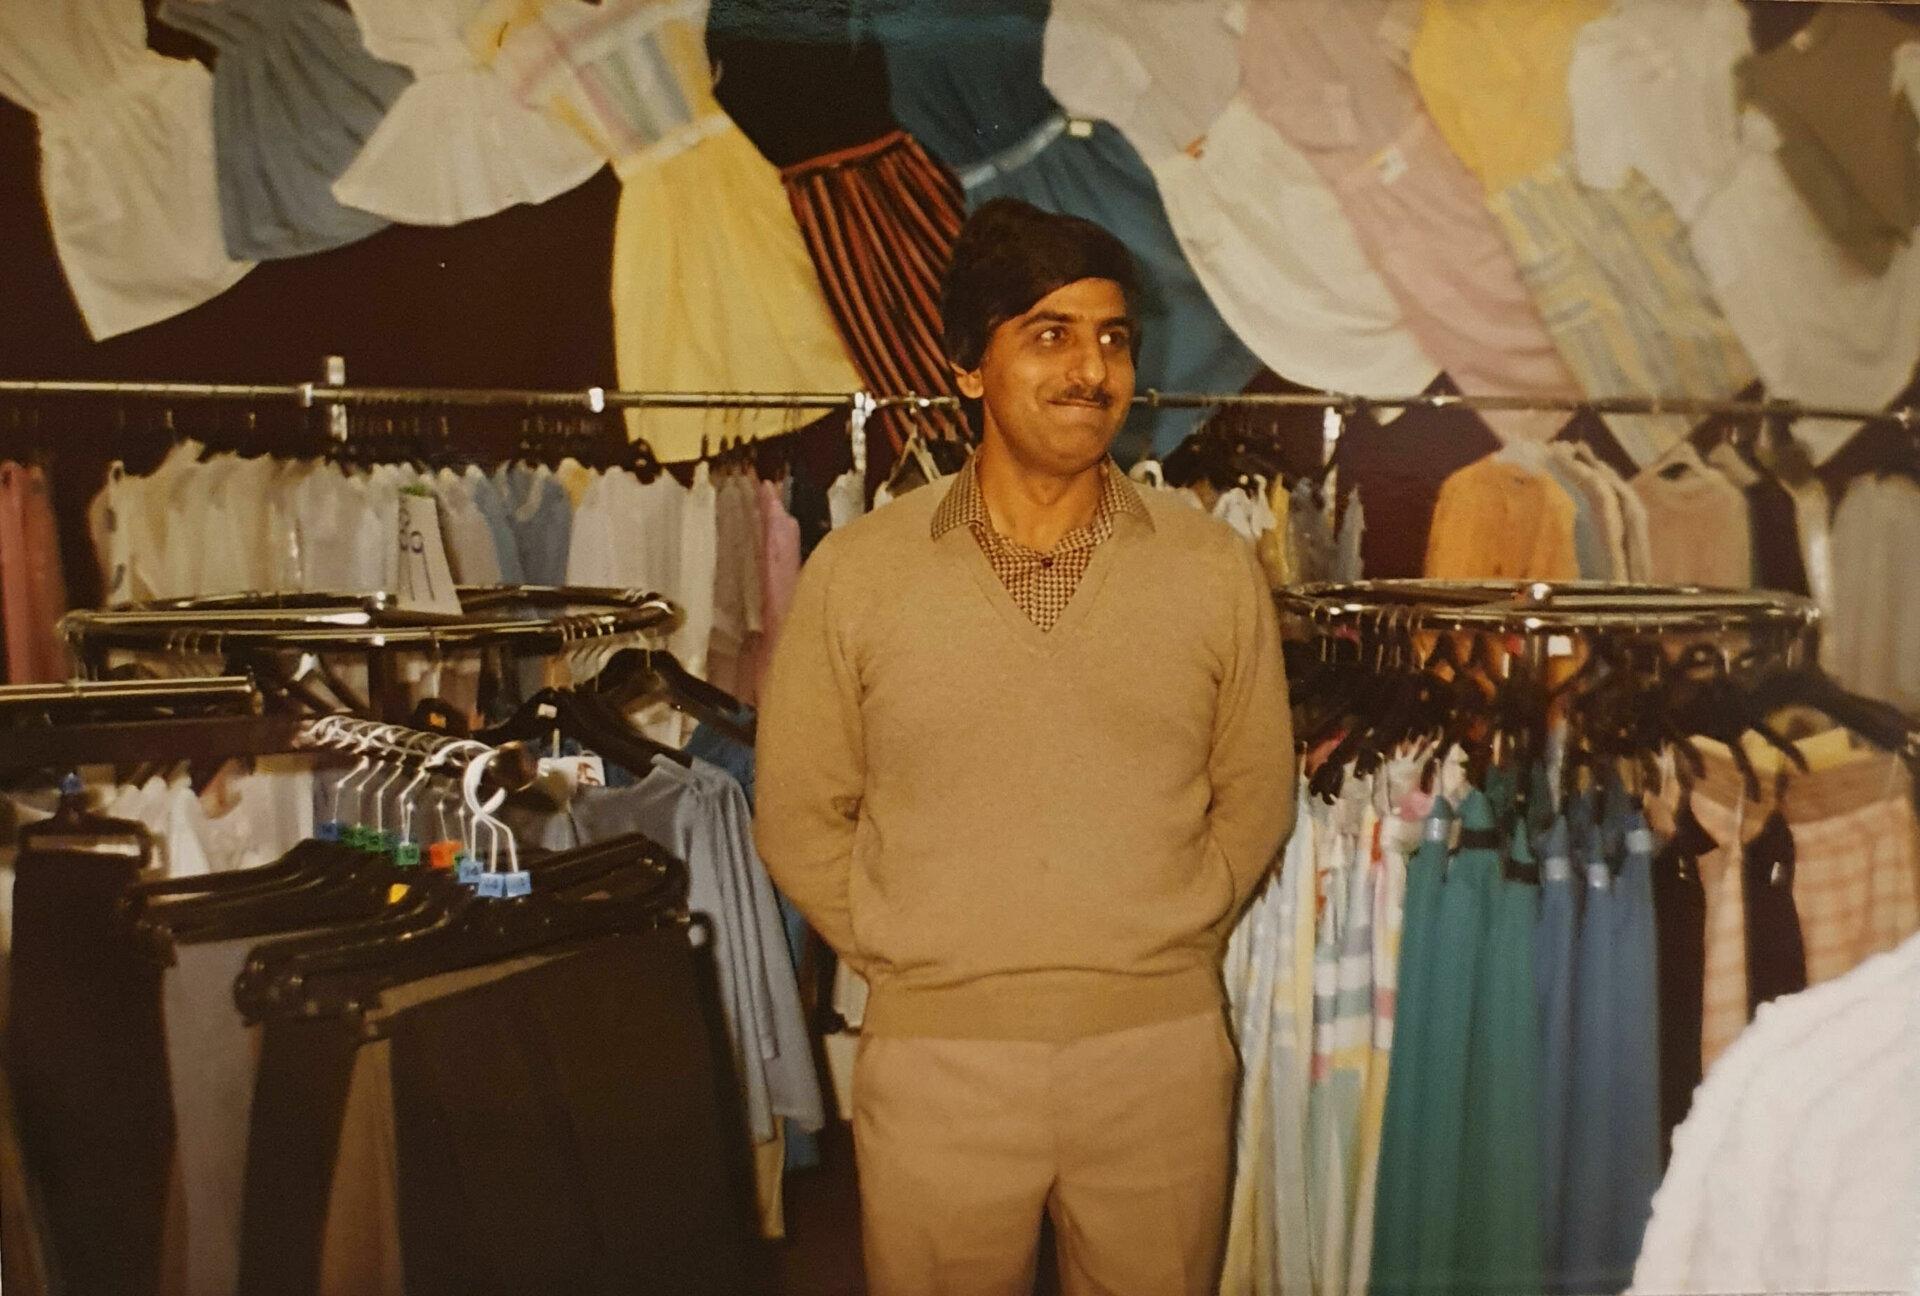 Jawaid Iqbal Sheaf Market early 80s